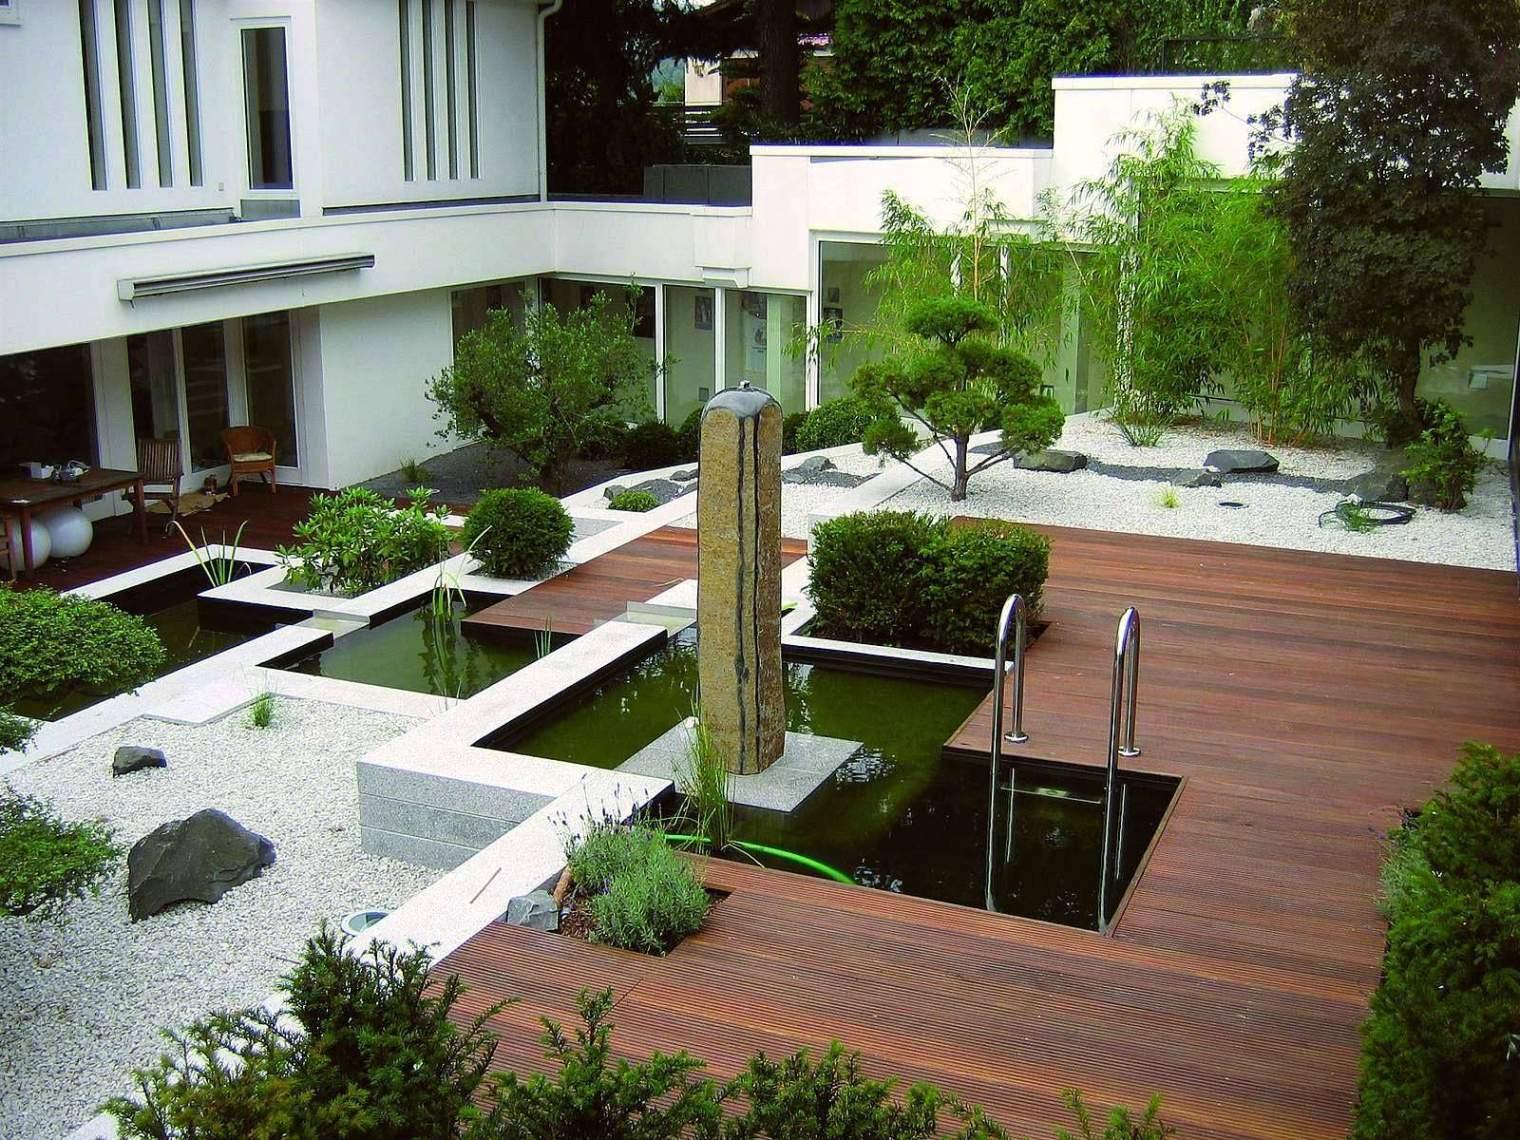 Kleine Moderne Gärten Neu 39 Frisch Kleine Gärten Gestalten Beispiele Reizend